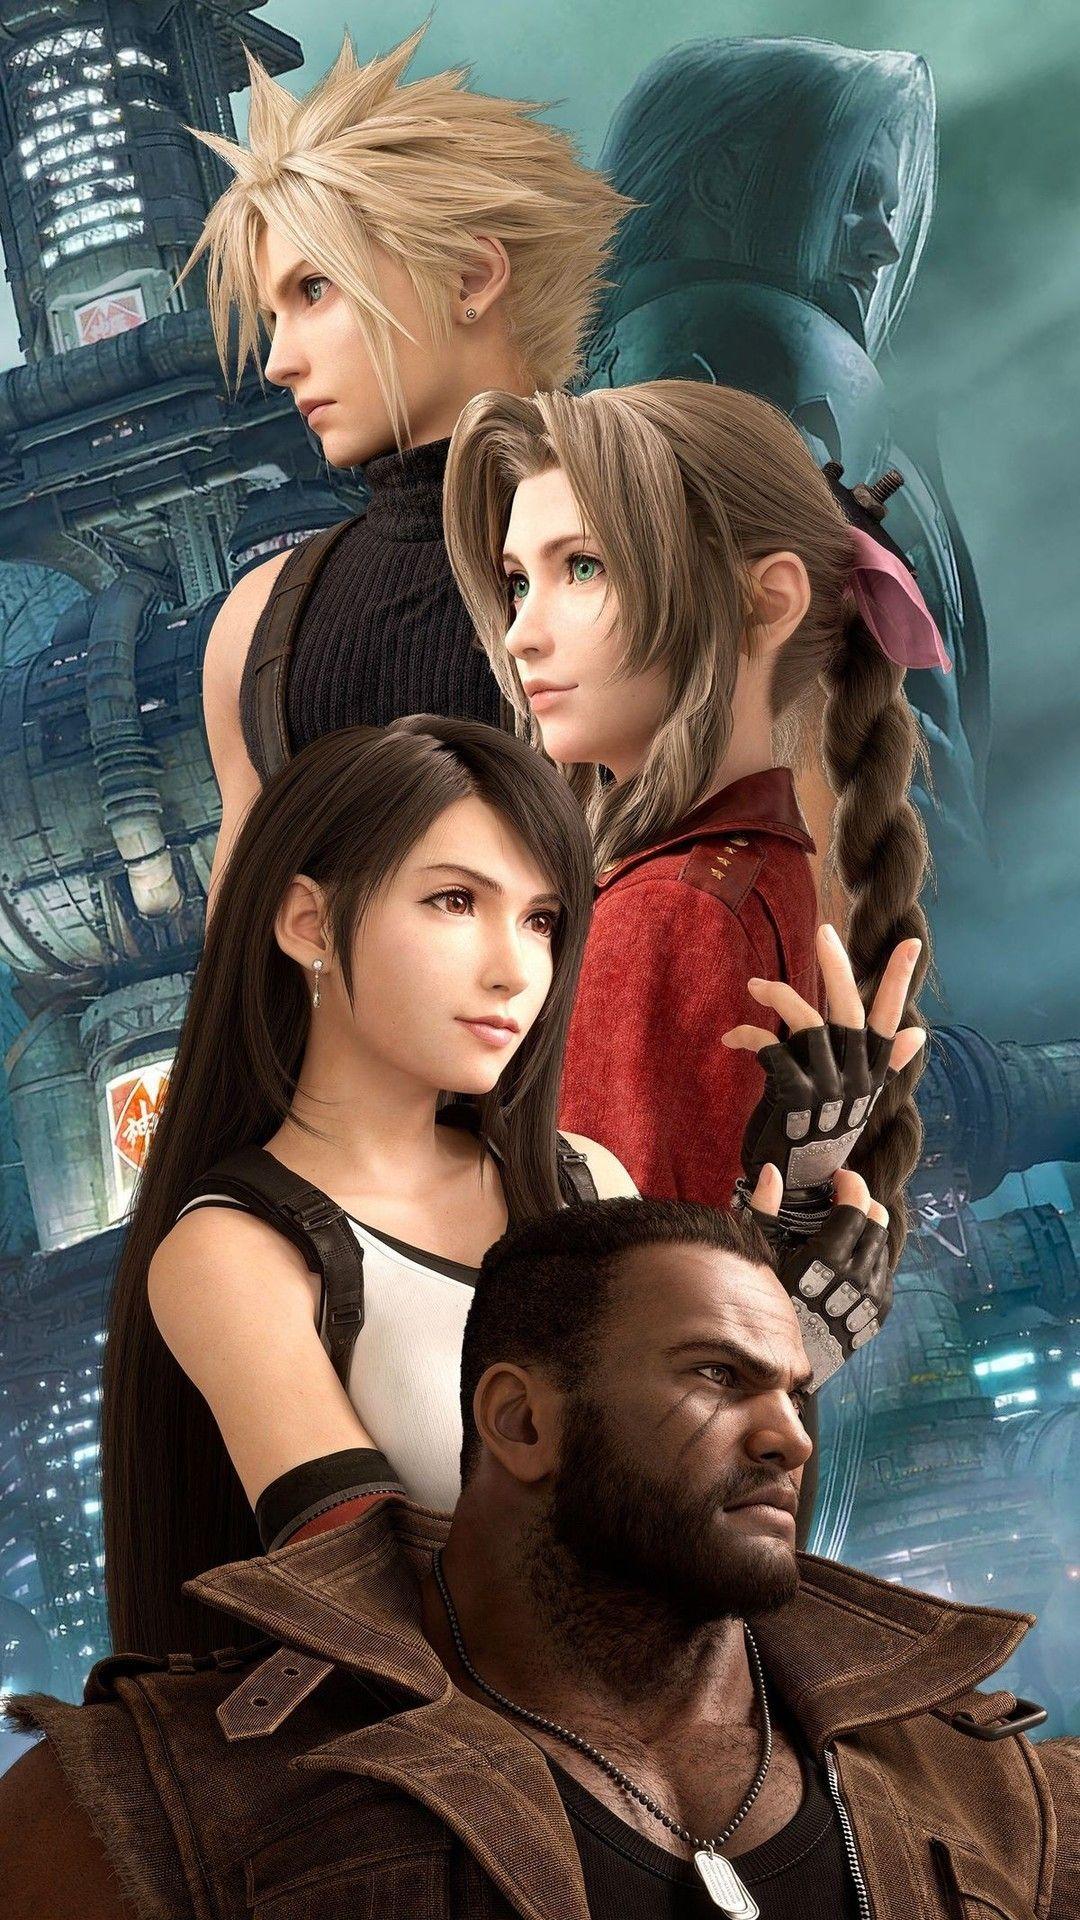 FFVII Remake Final fantasy cloud